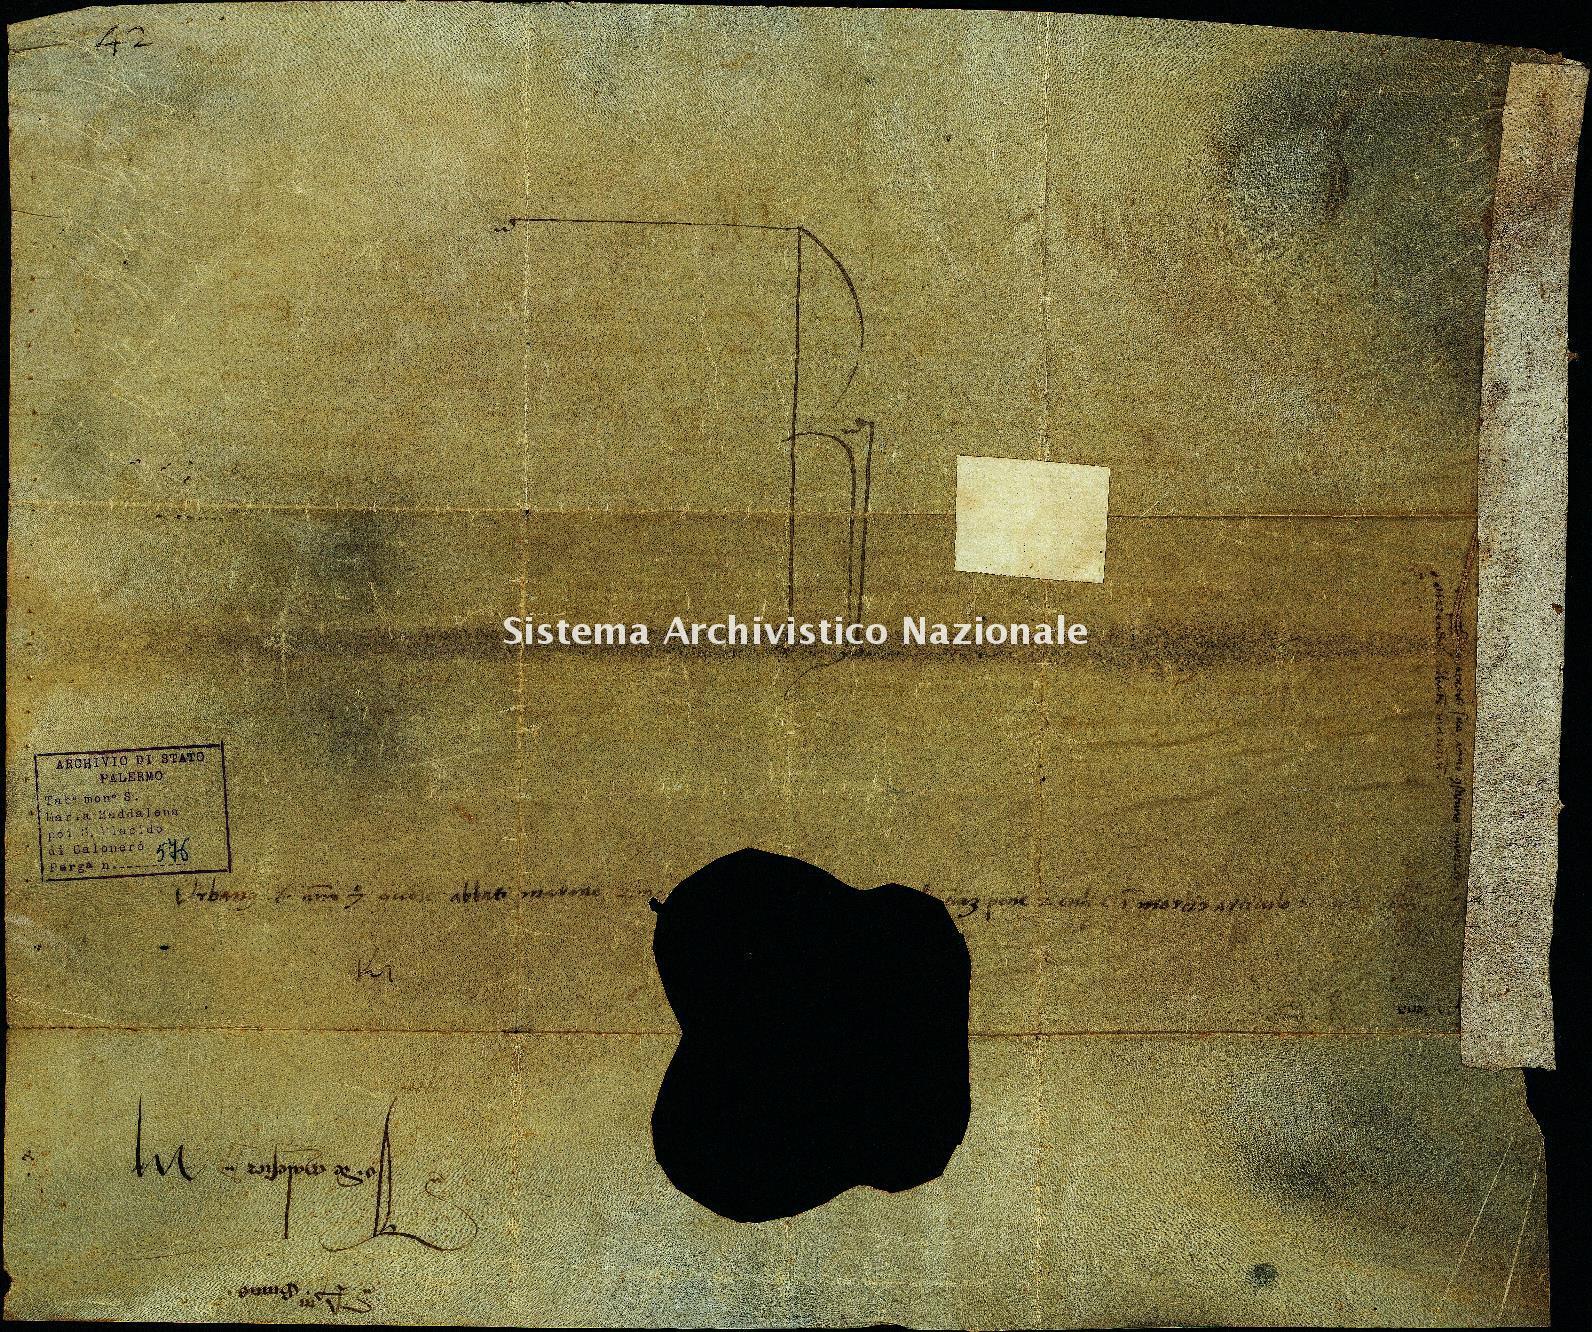 Archivio di Stato di Palermo, Diplomatico, Tabulario dei monasteri di Santa Maria Maddalena di Valle Giosafat e di San Placido di Calonerò, Pergamena TSMG 0576